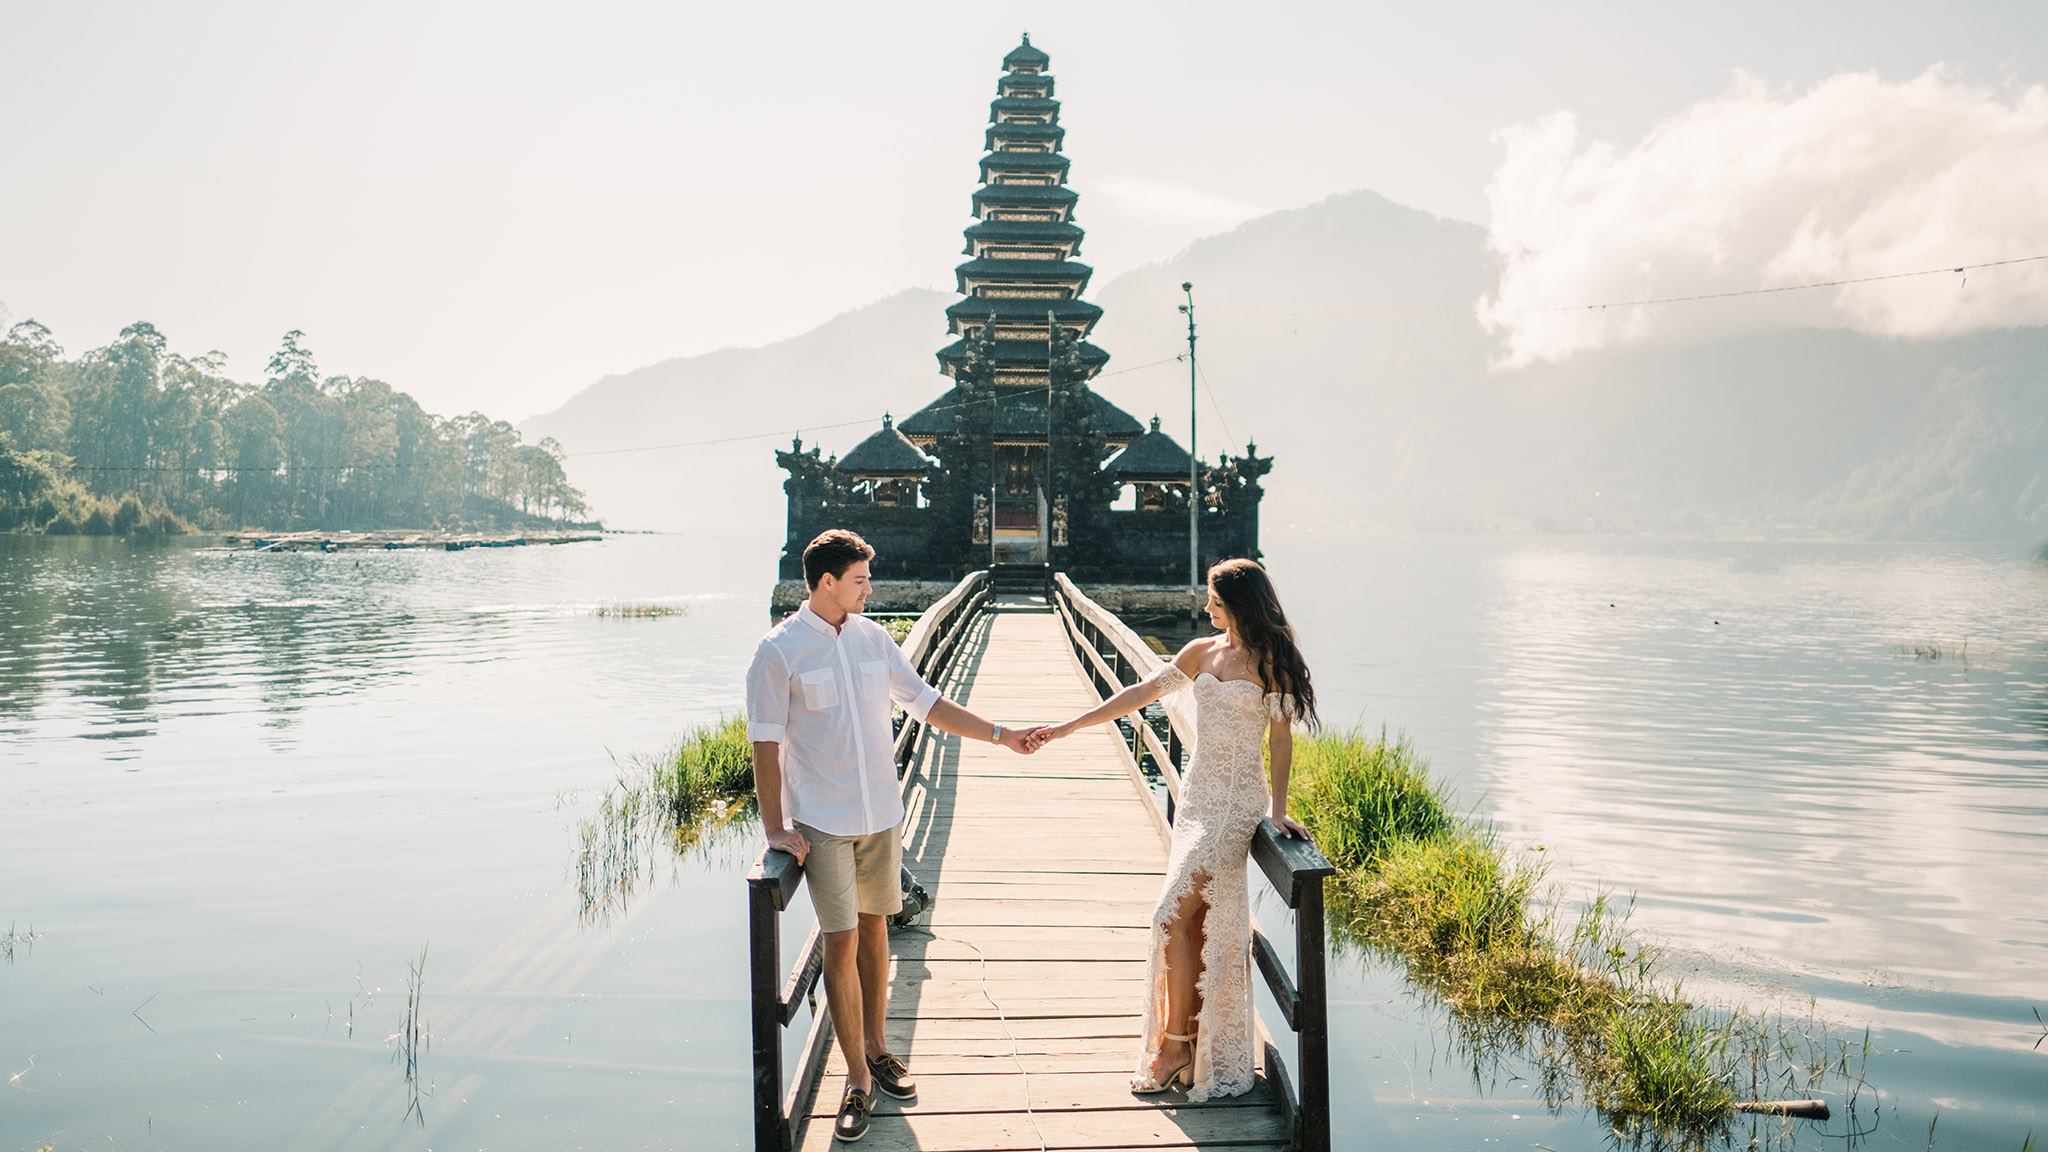 B M Intimate Honeymoon Photoshoot In Bali Gusmank